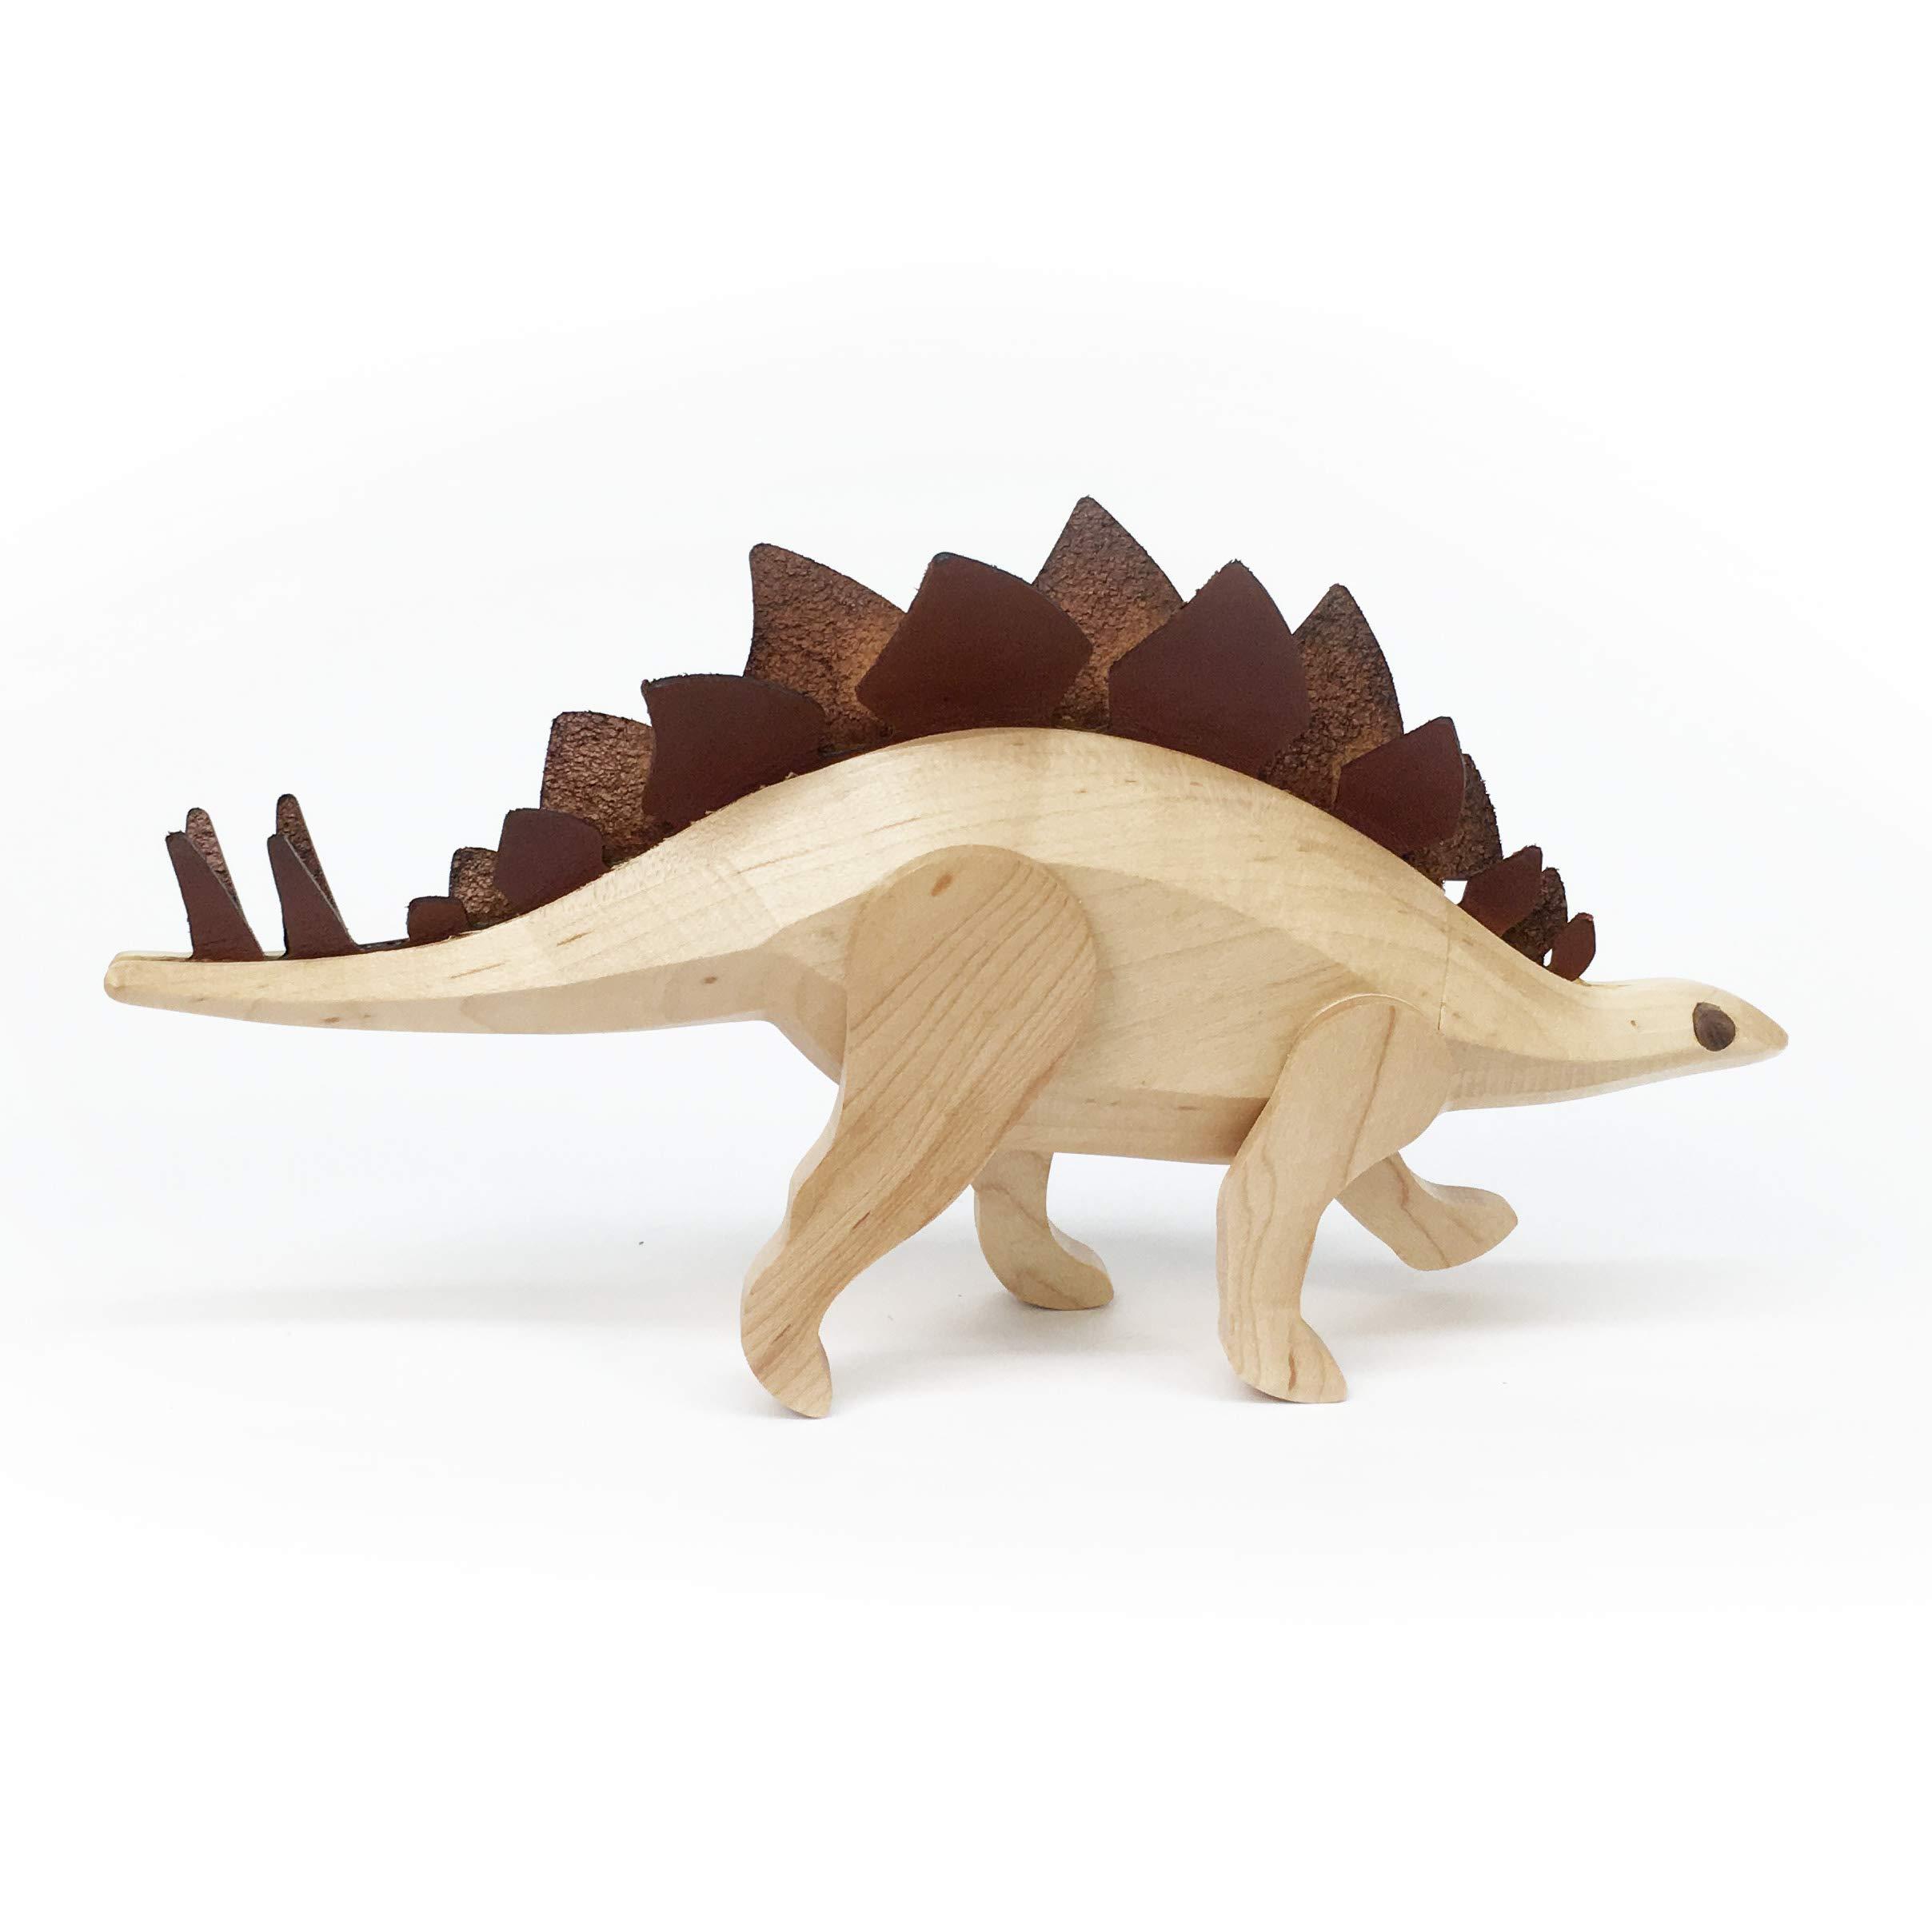 Detour Goods Wooden Stegosaurus Dinosaur by Detour Goods